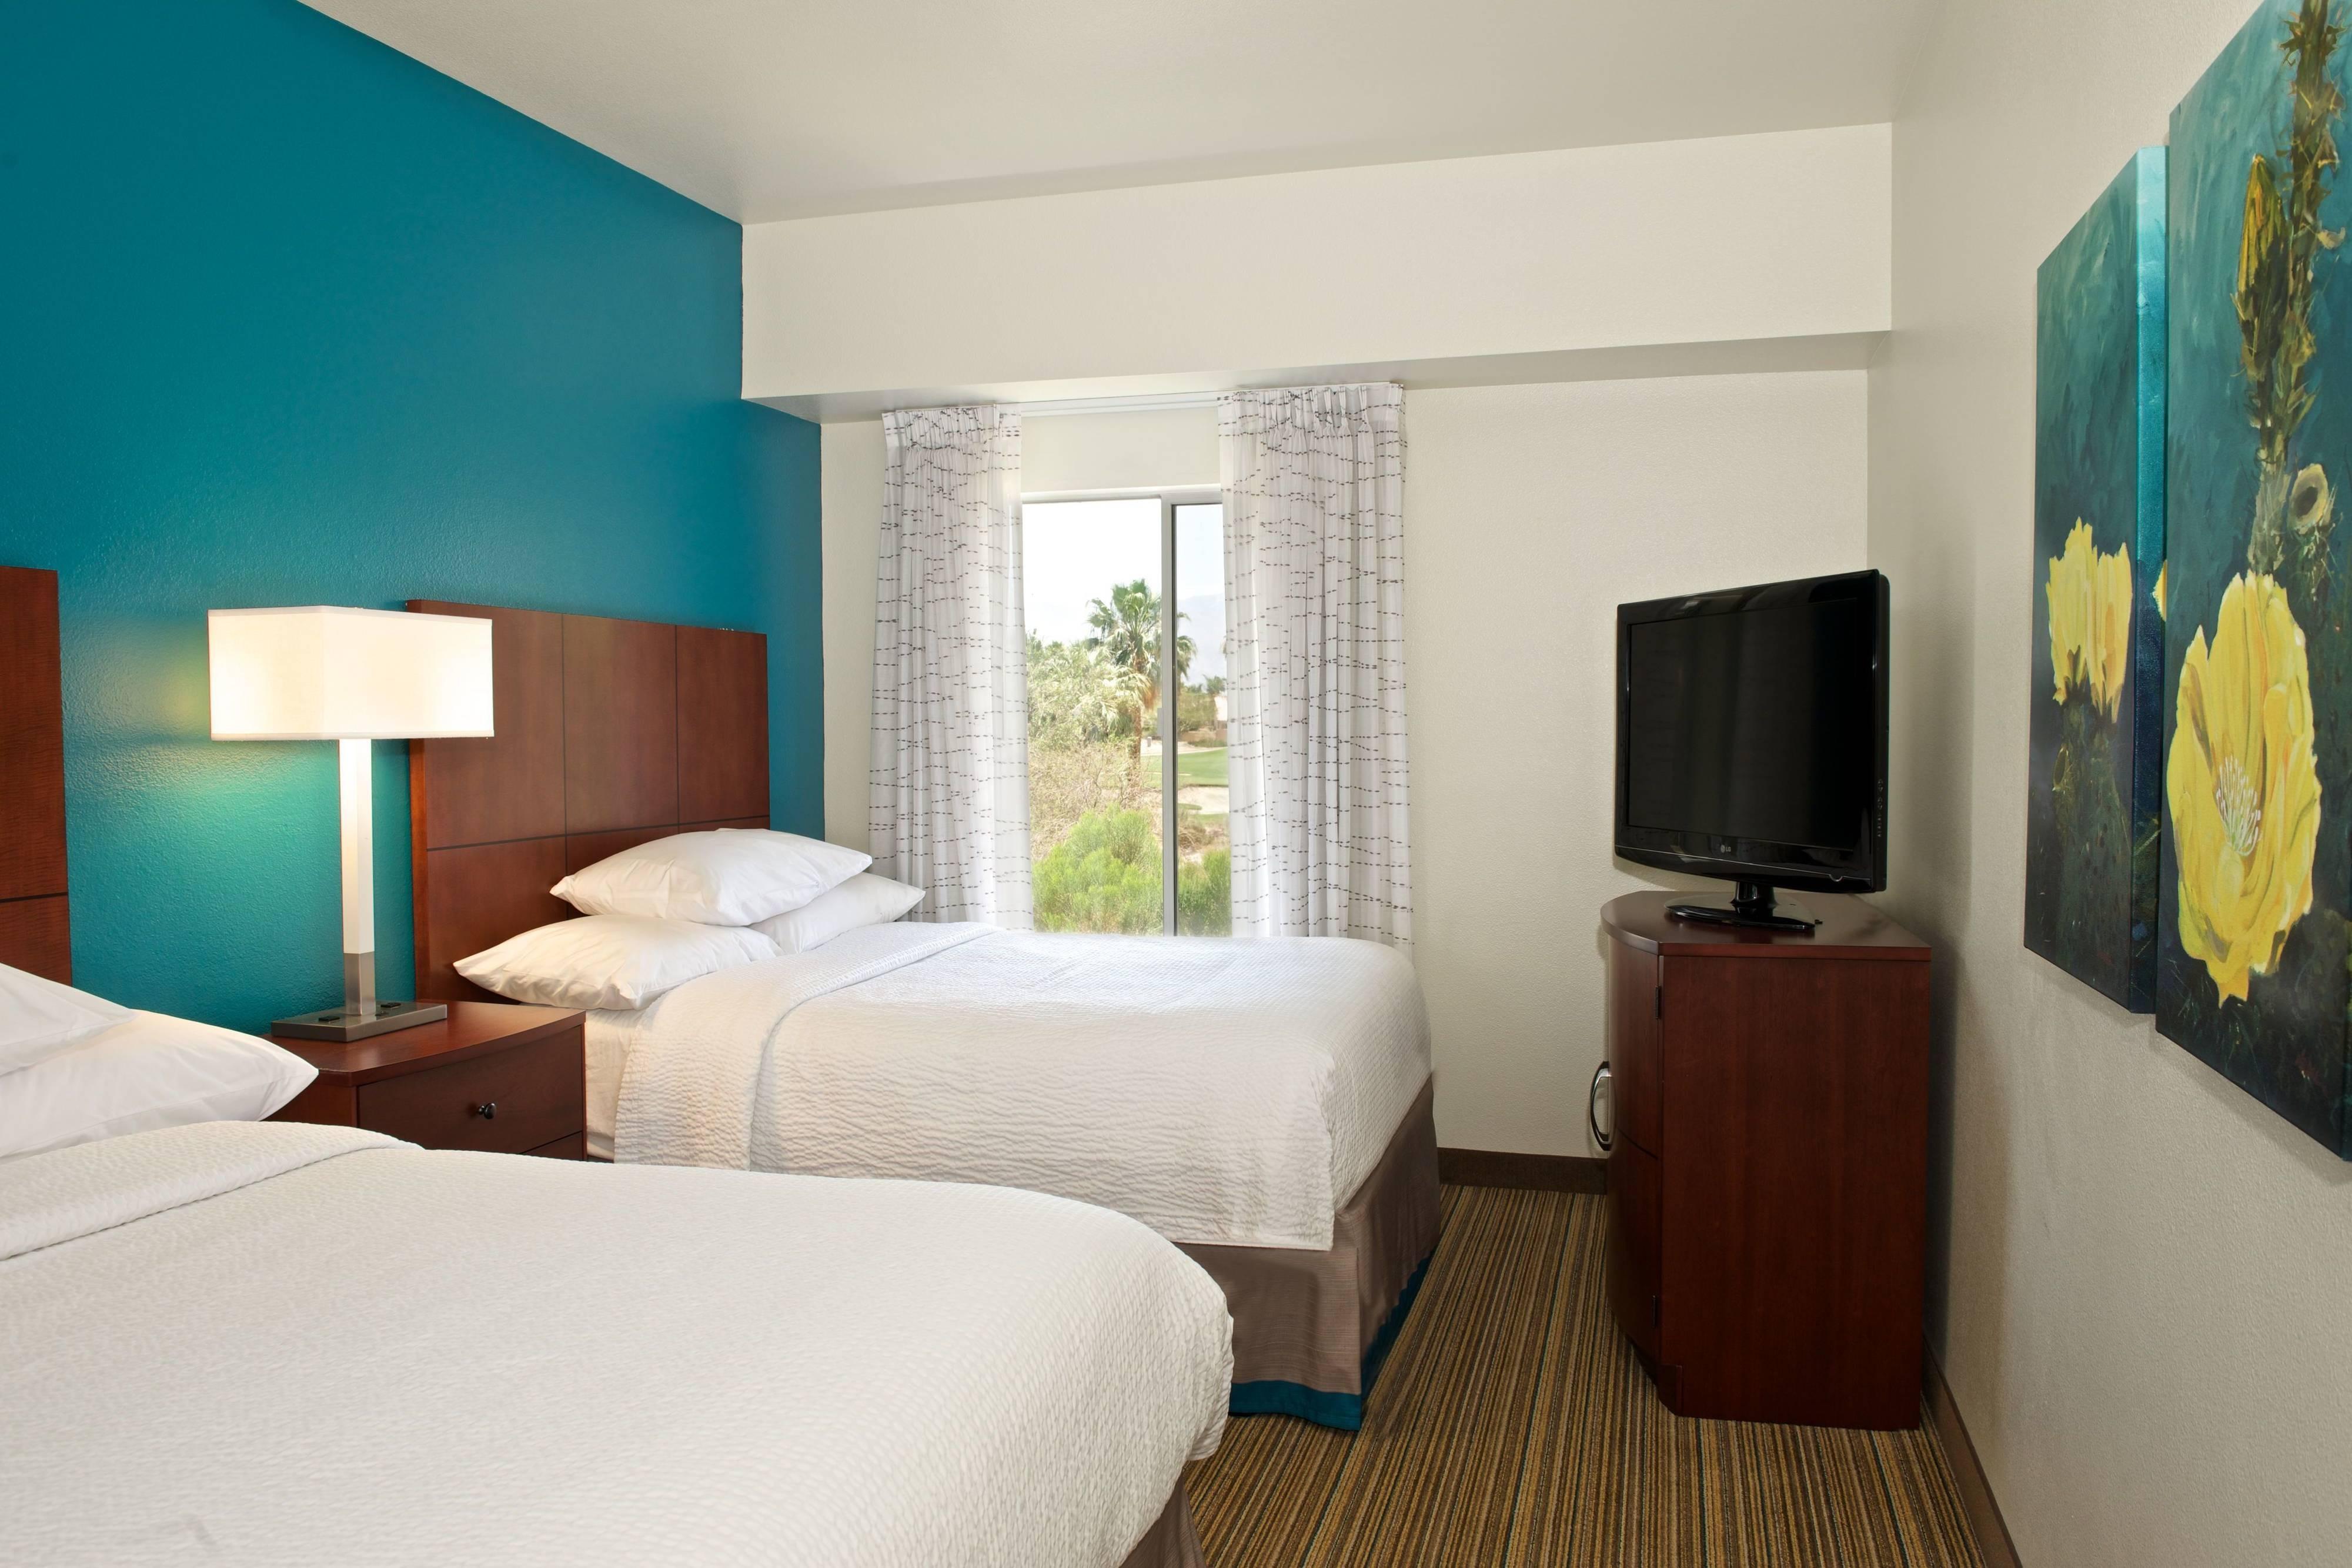 Suite de dos dormitorios - Área de dormir con dos camas dobles